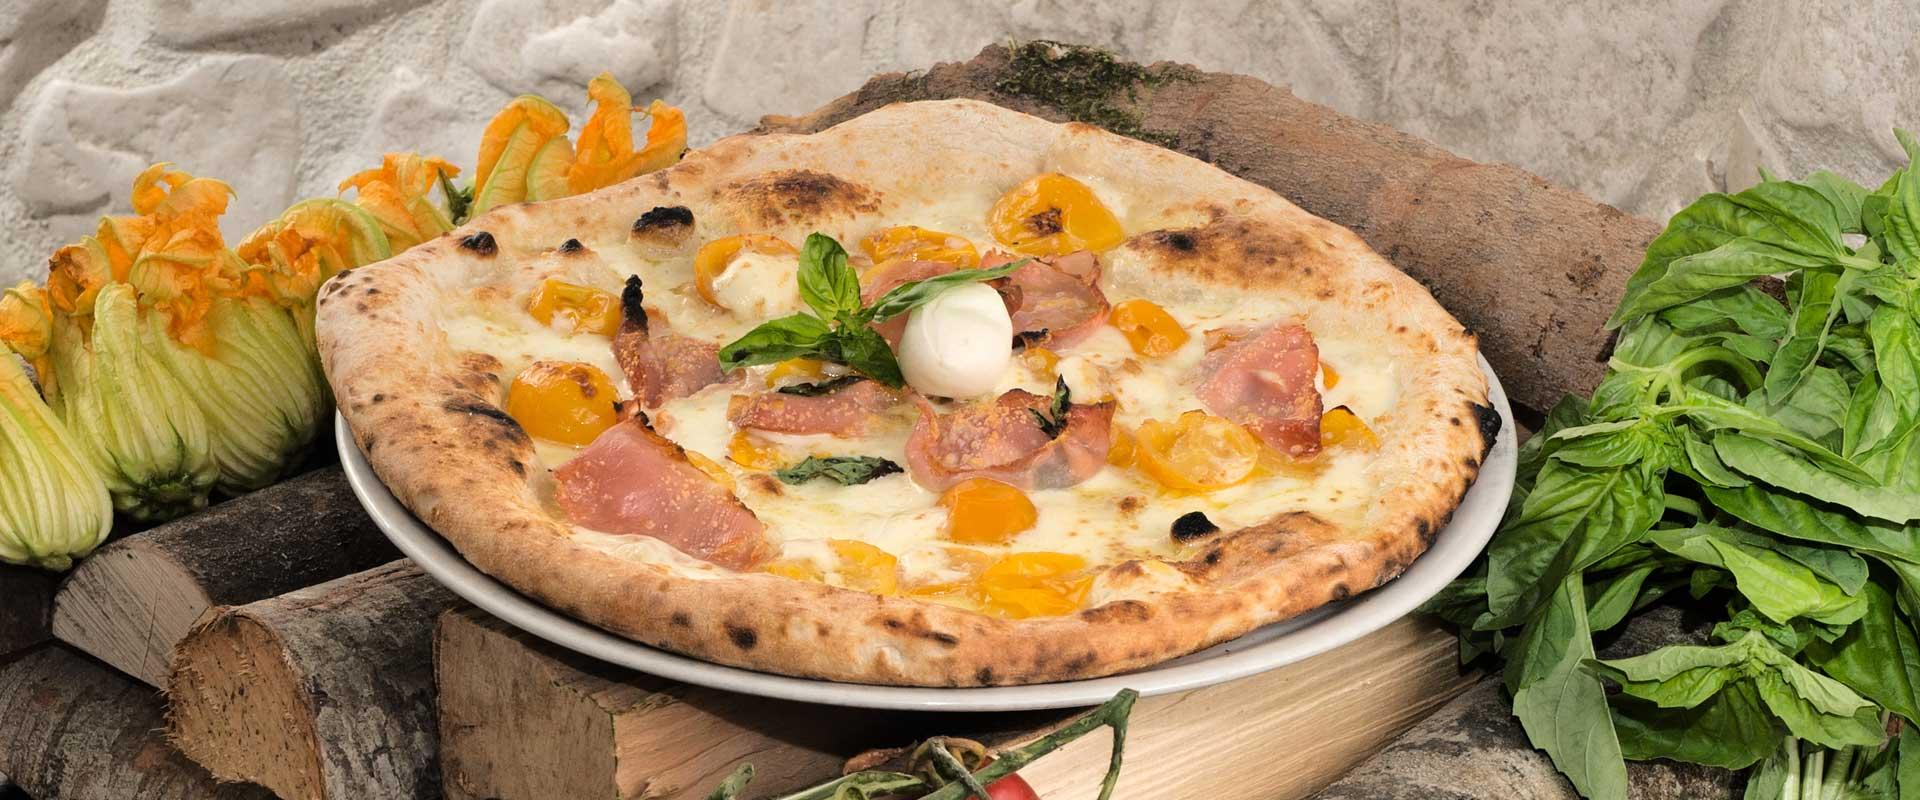 pizza-tonino